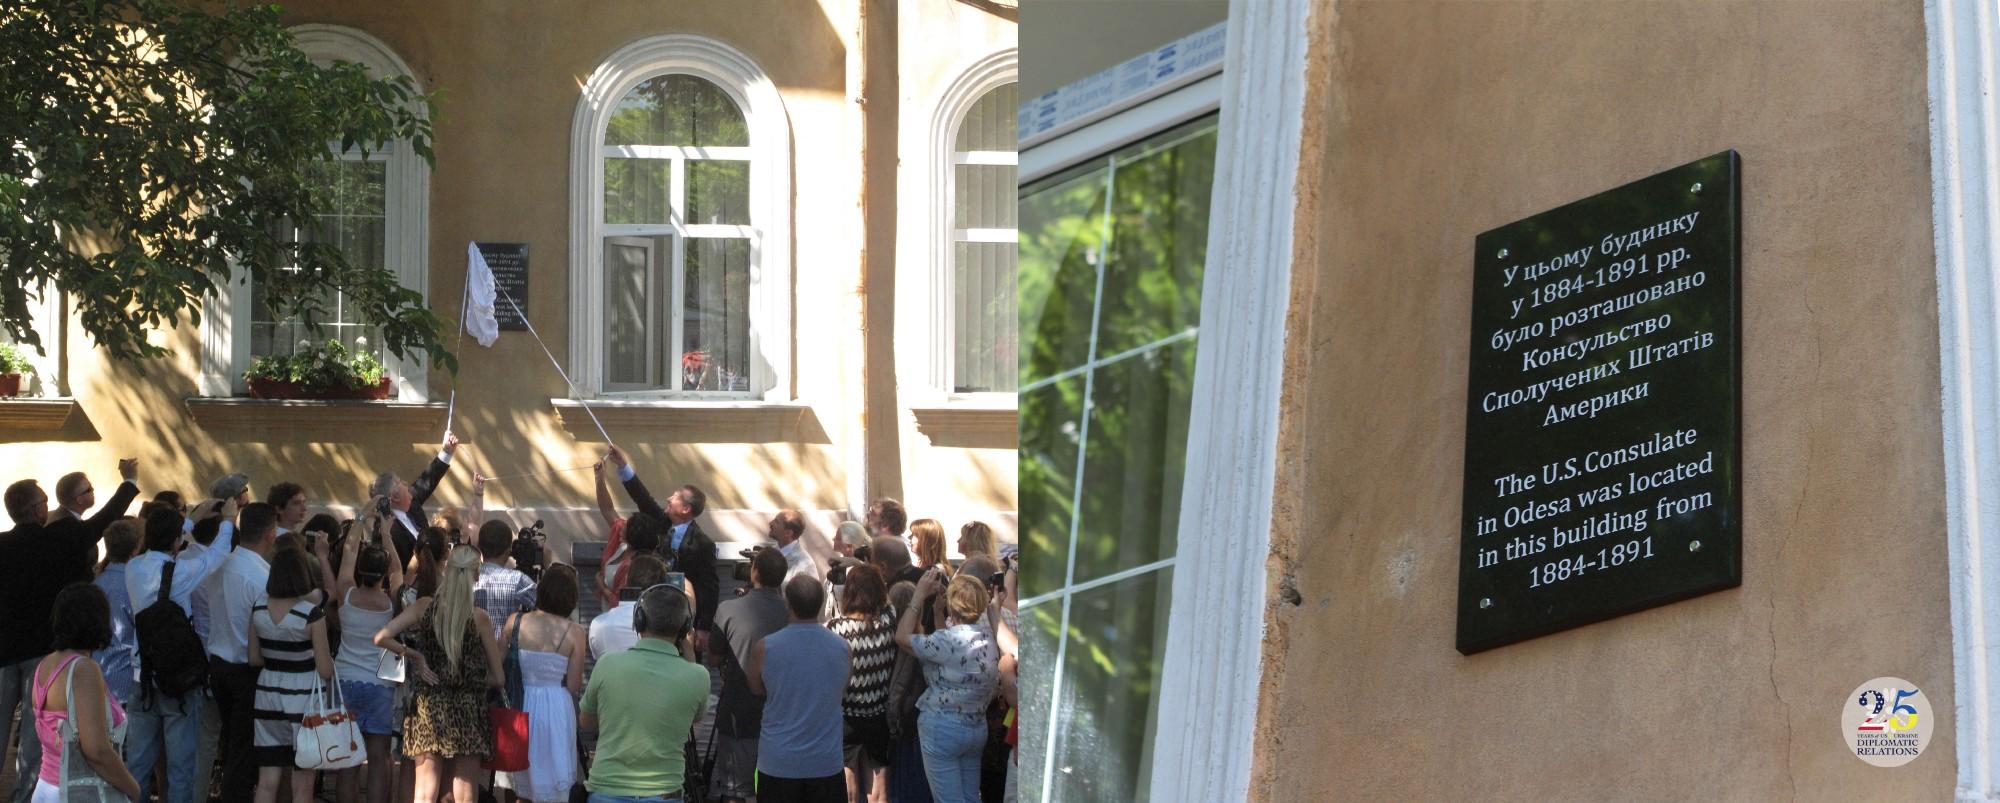 Посол США Джон Теффт открывает мемориальную доску на здании бывшего Консульства США в Одессе 2013 году.